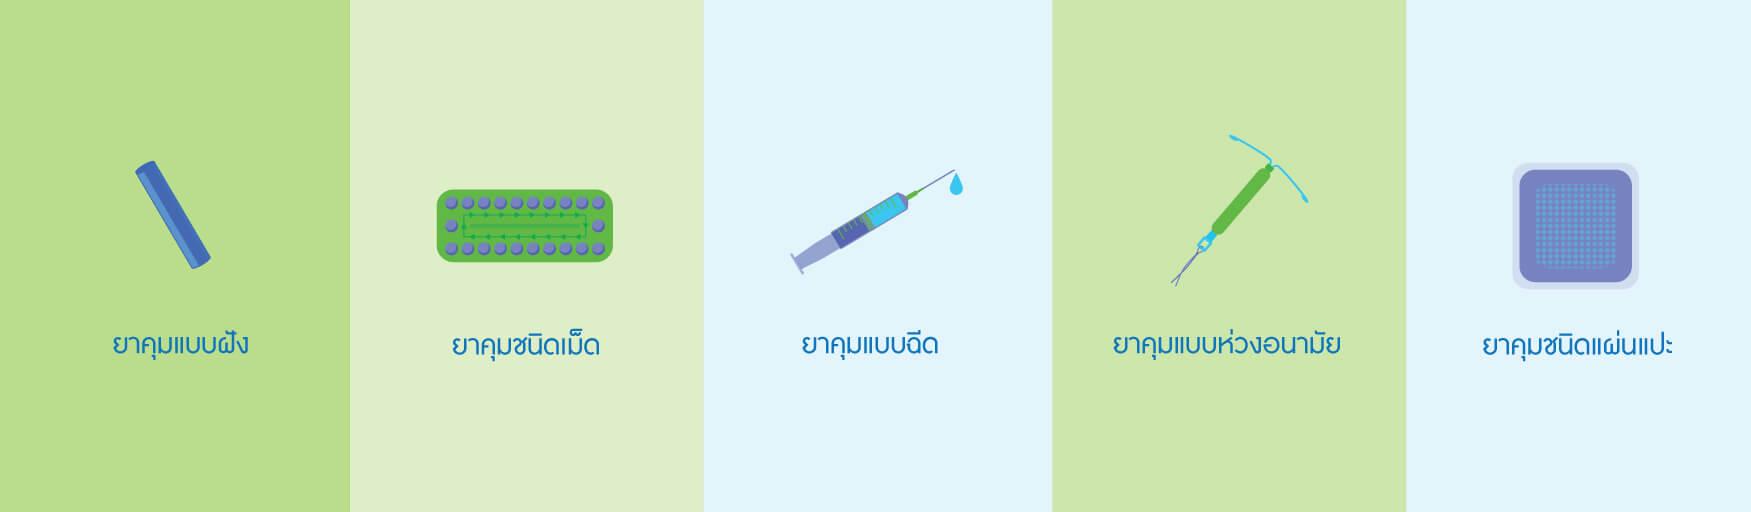 การฝังยาคุมและยาคุมแต่ละชนิดต่างกันอย่างไร